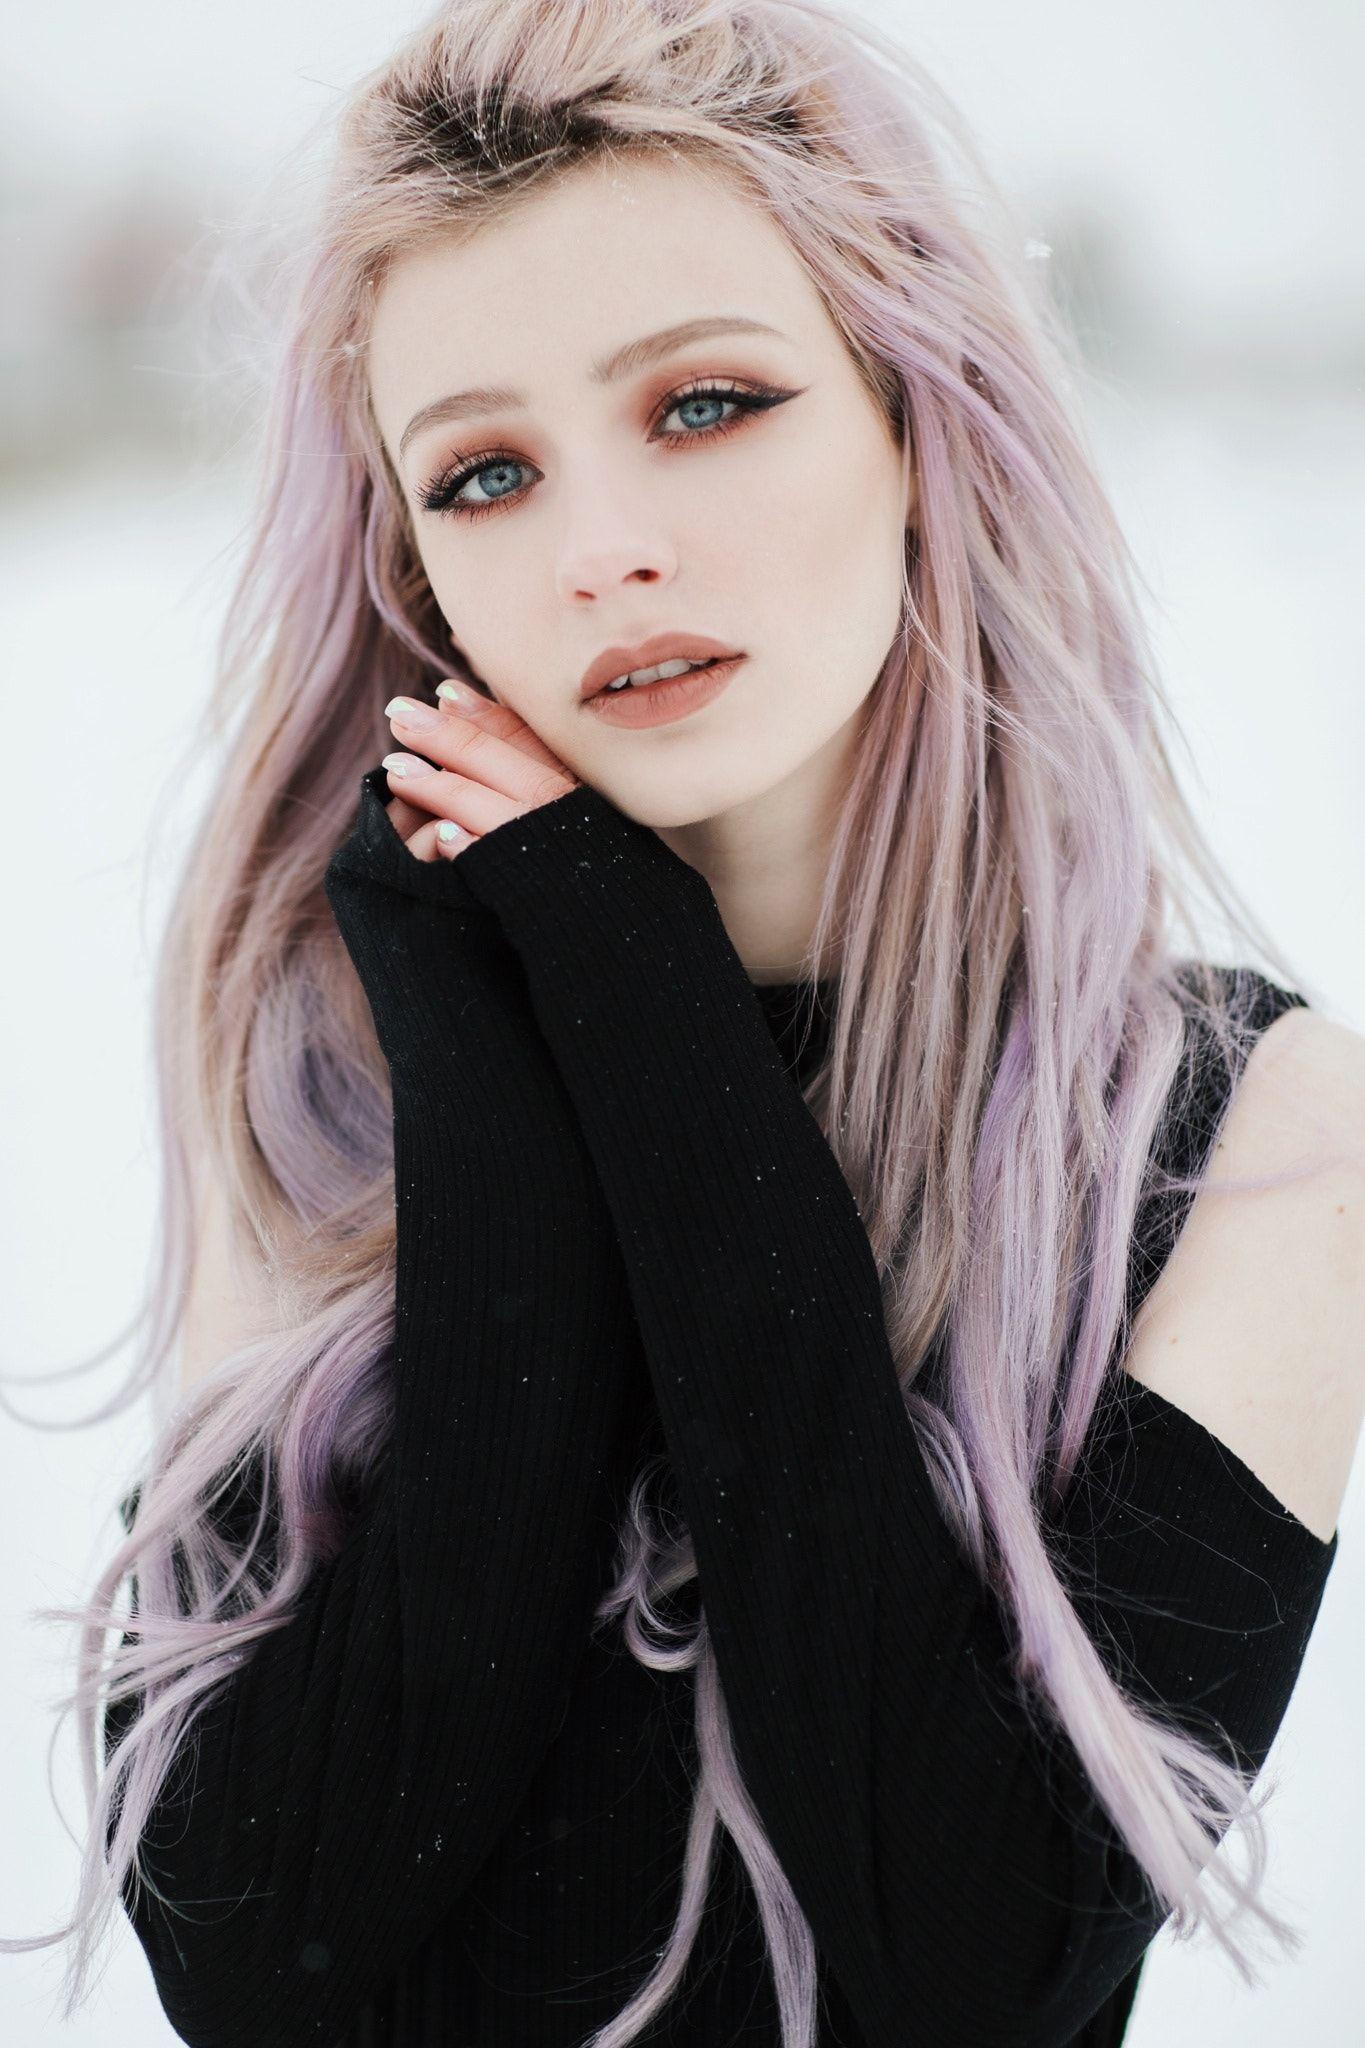 Dyed Pink Hair And Blue Eyes Character Inspiration Cabello De Color Pastel Peinados Kawaii Inspiracion De Cabello